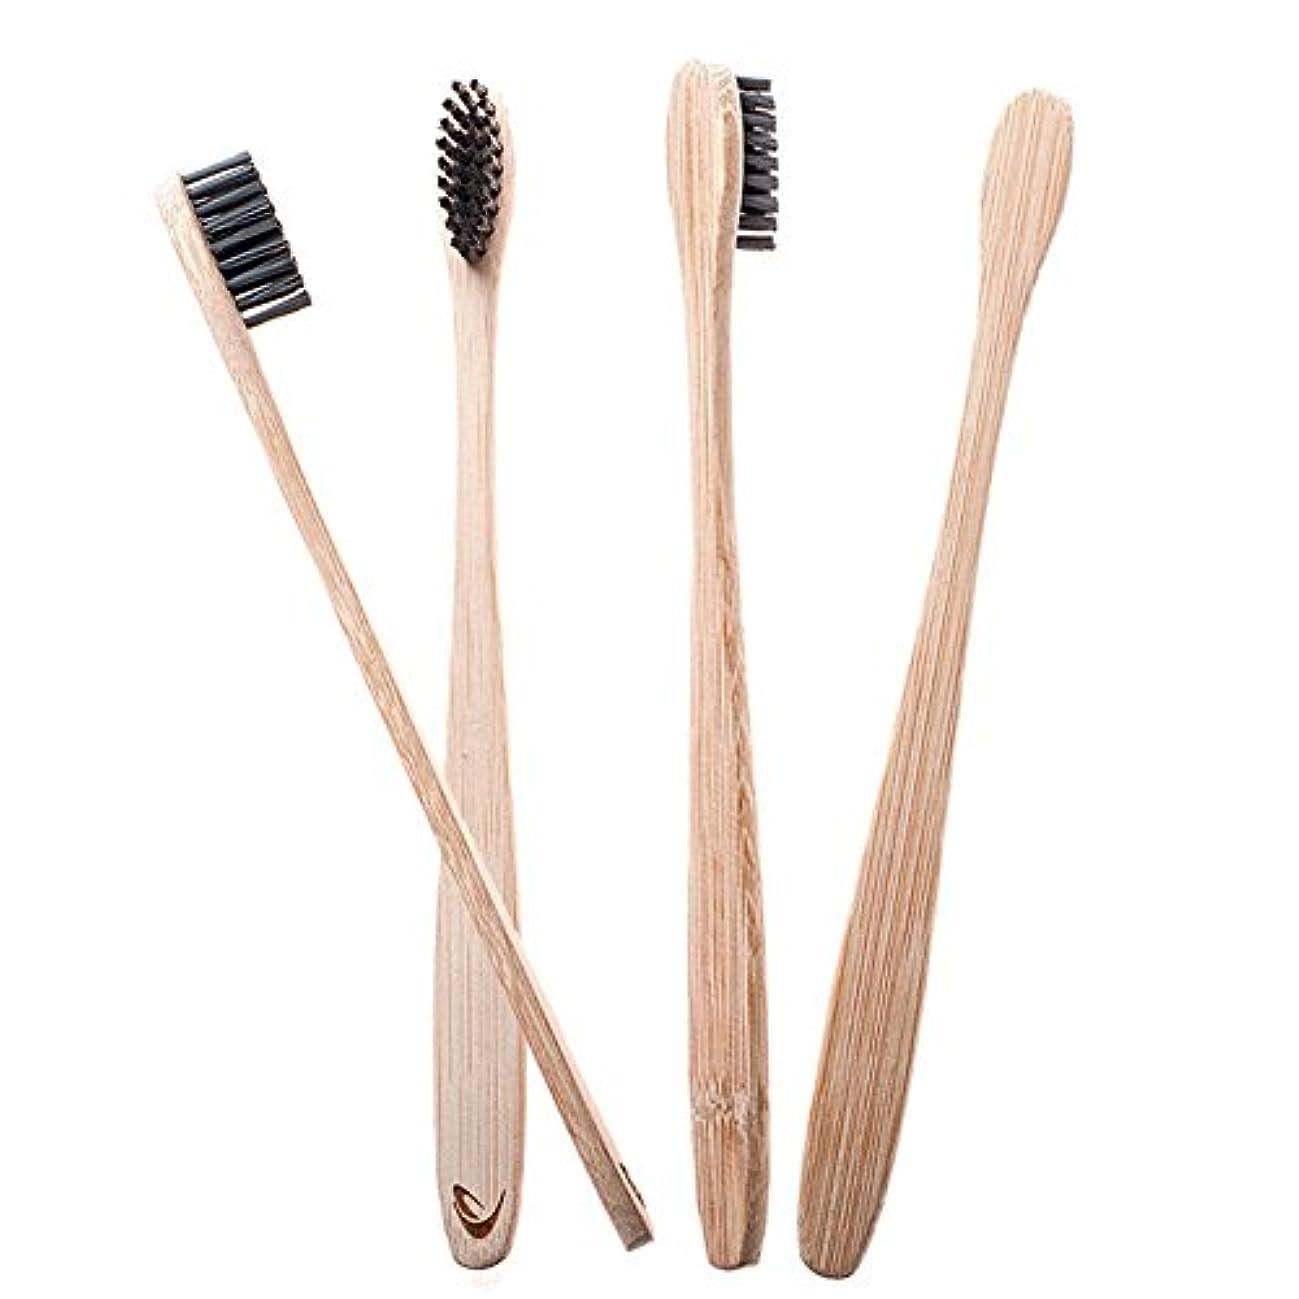 トレーニング早い円形MAYouth ホーム家族旅行のための木炭剛毛の自然な歯科医療が付いている4本/セットの竹の歯ブラシ